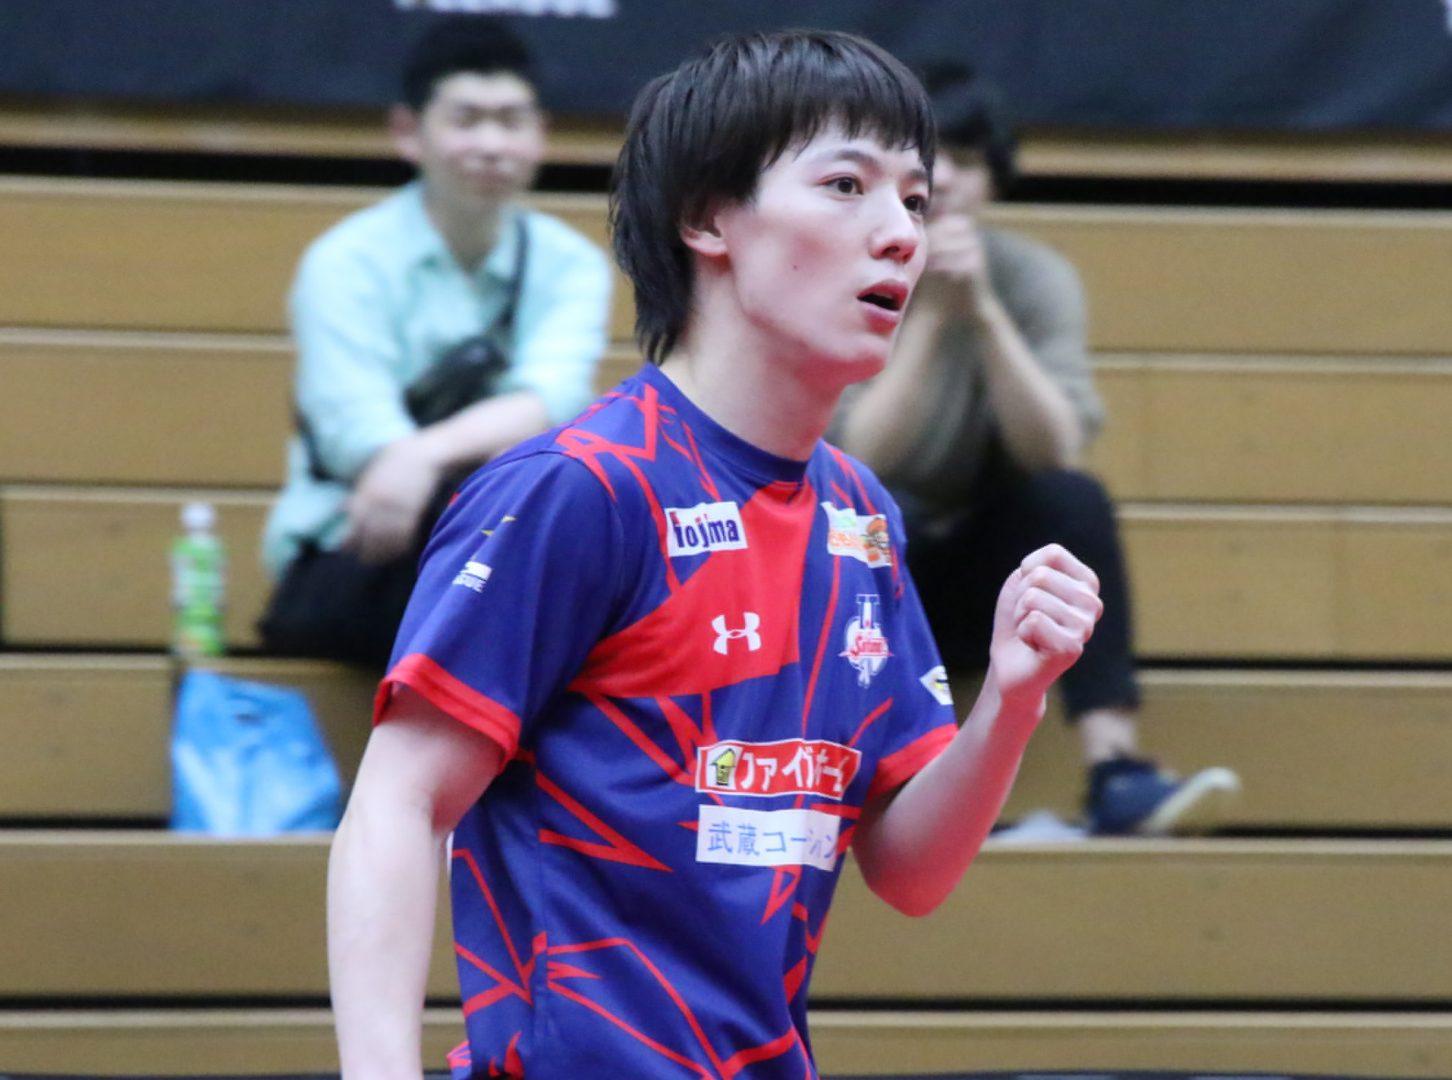 松平健太、国際大会から引退発表 Tリーグ誕生による卓球選手の新キャリア